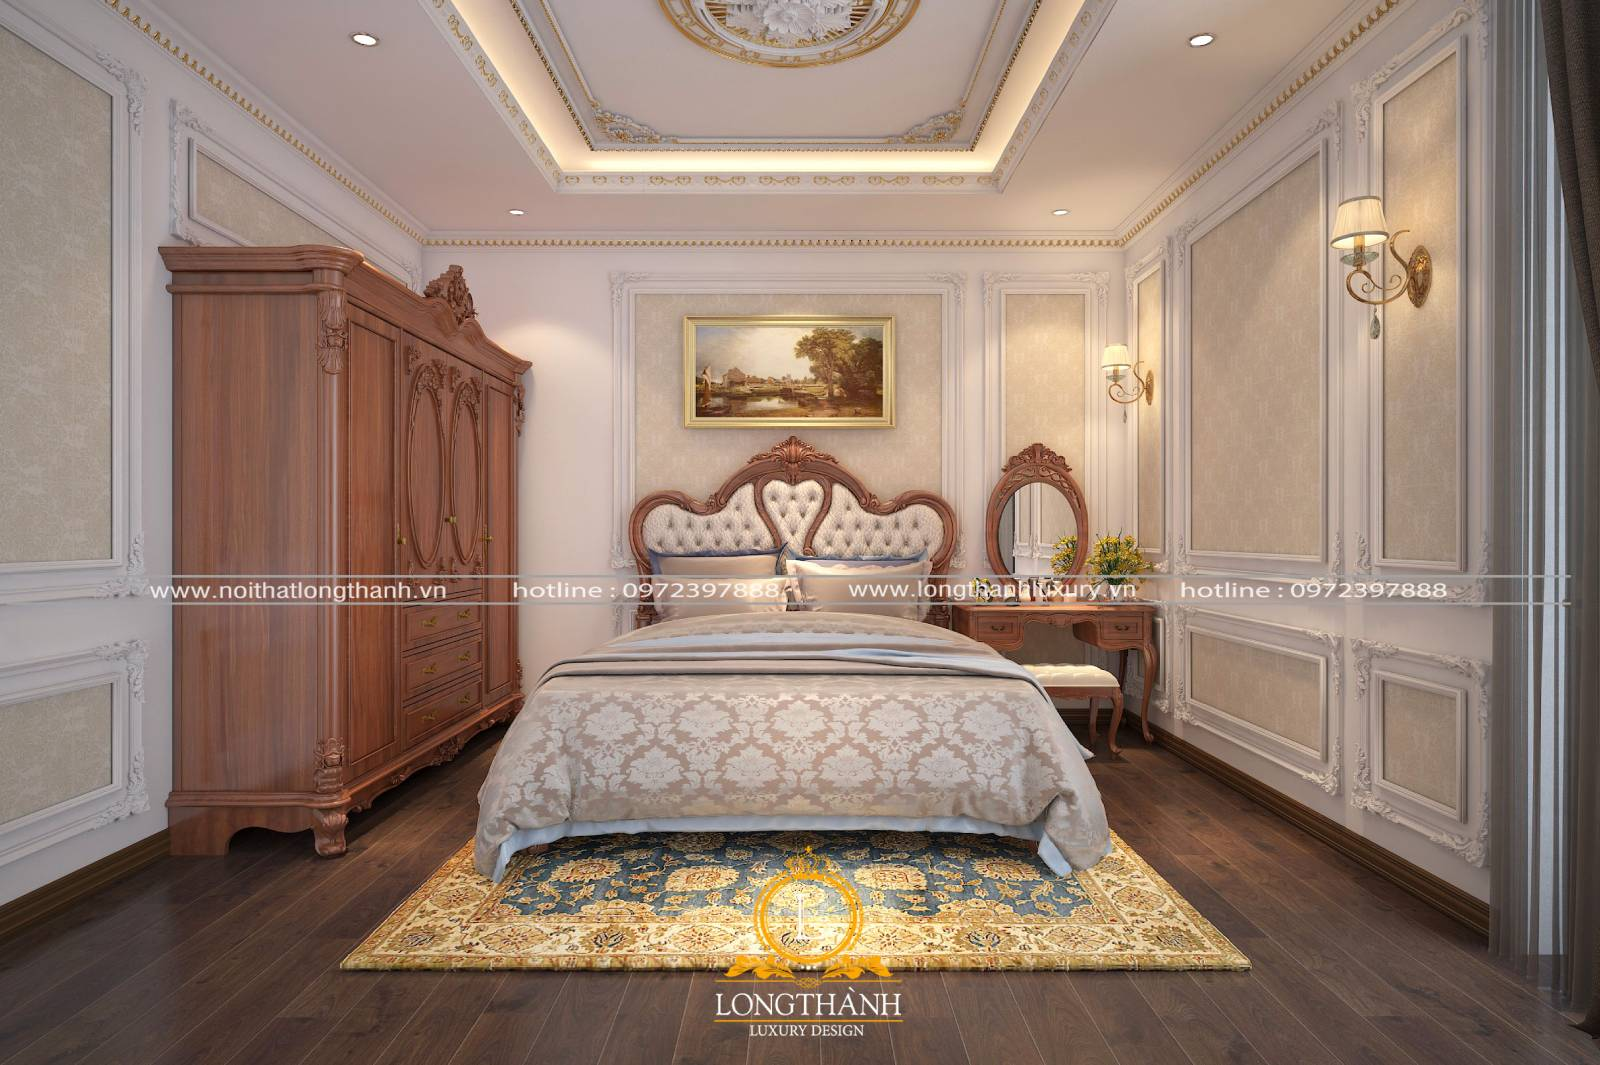 Mẫu thiết kế nội thất tân cổ điển cho phòng ngủ nhỏ